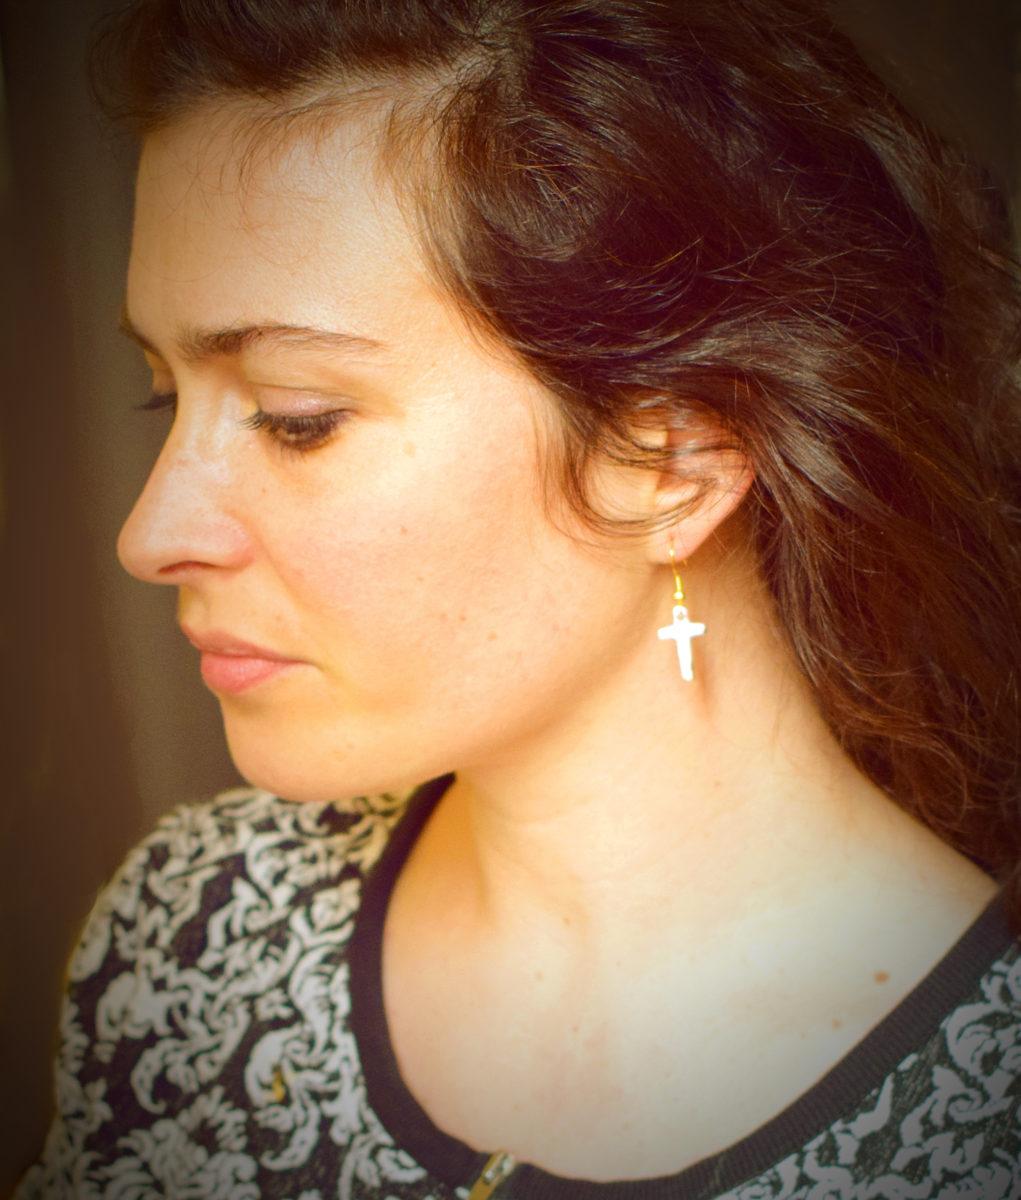 Béatrice Perget Créatrice de bijoux en émaux sur métal. Artisane émailleuse d'art Boutique Atelier Au fil d'émaux Moissac, Occitanie, FRANCE